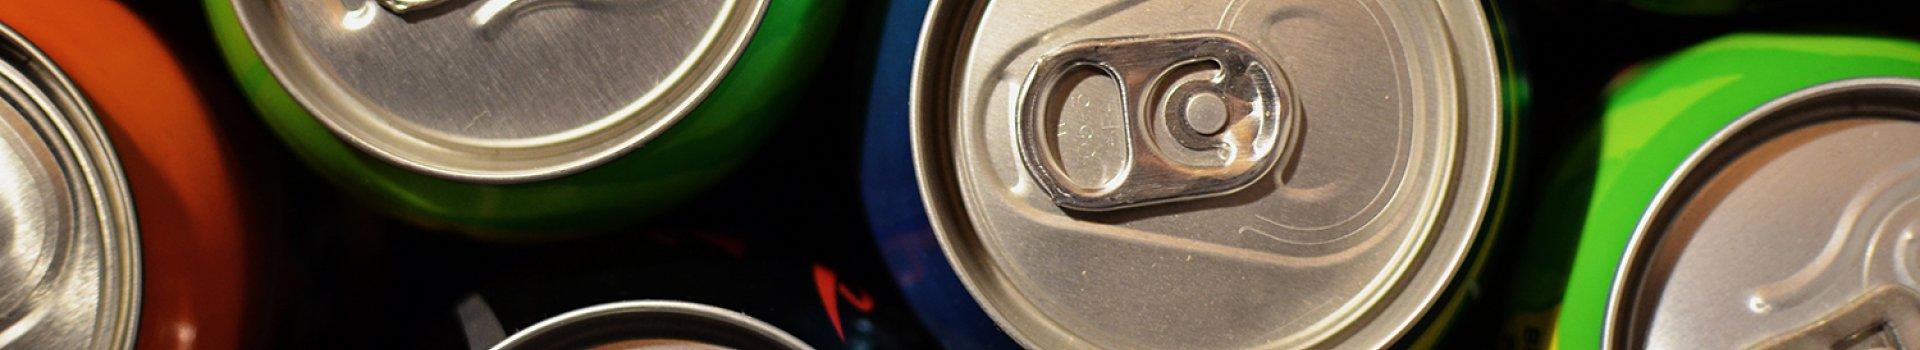 Napoje izotoniczne czy energetyczne? Co warto zabrać na rower?